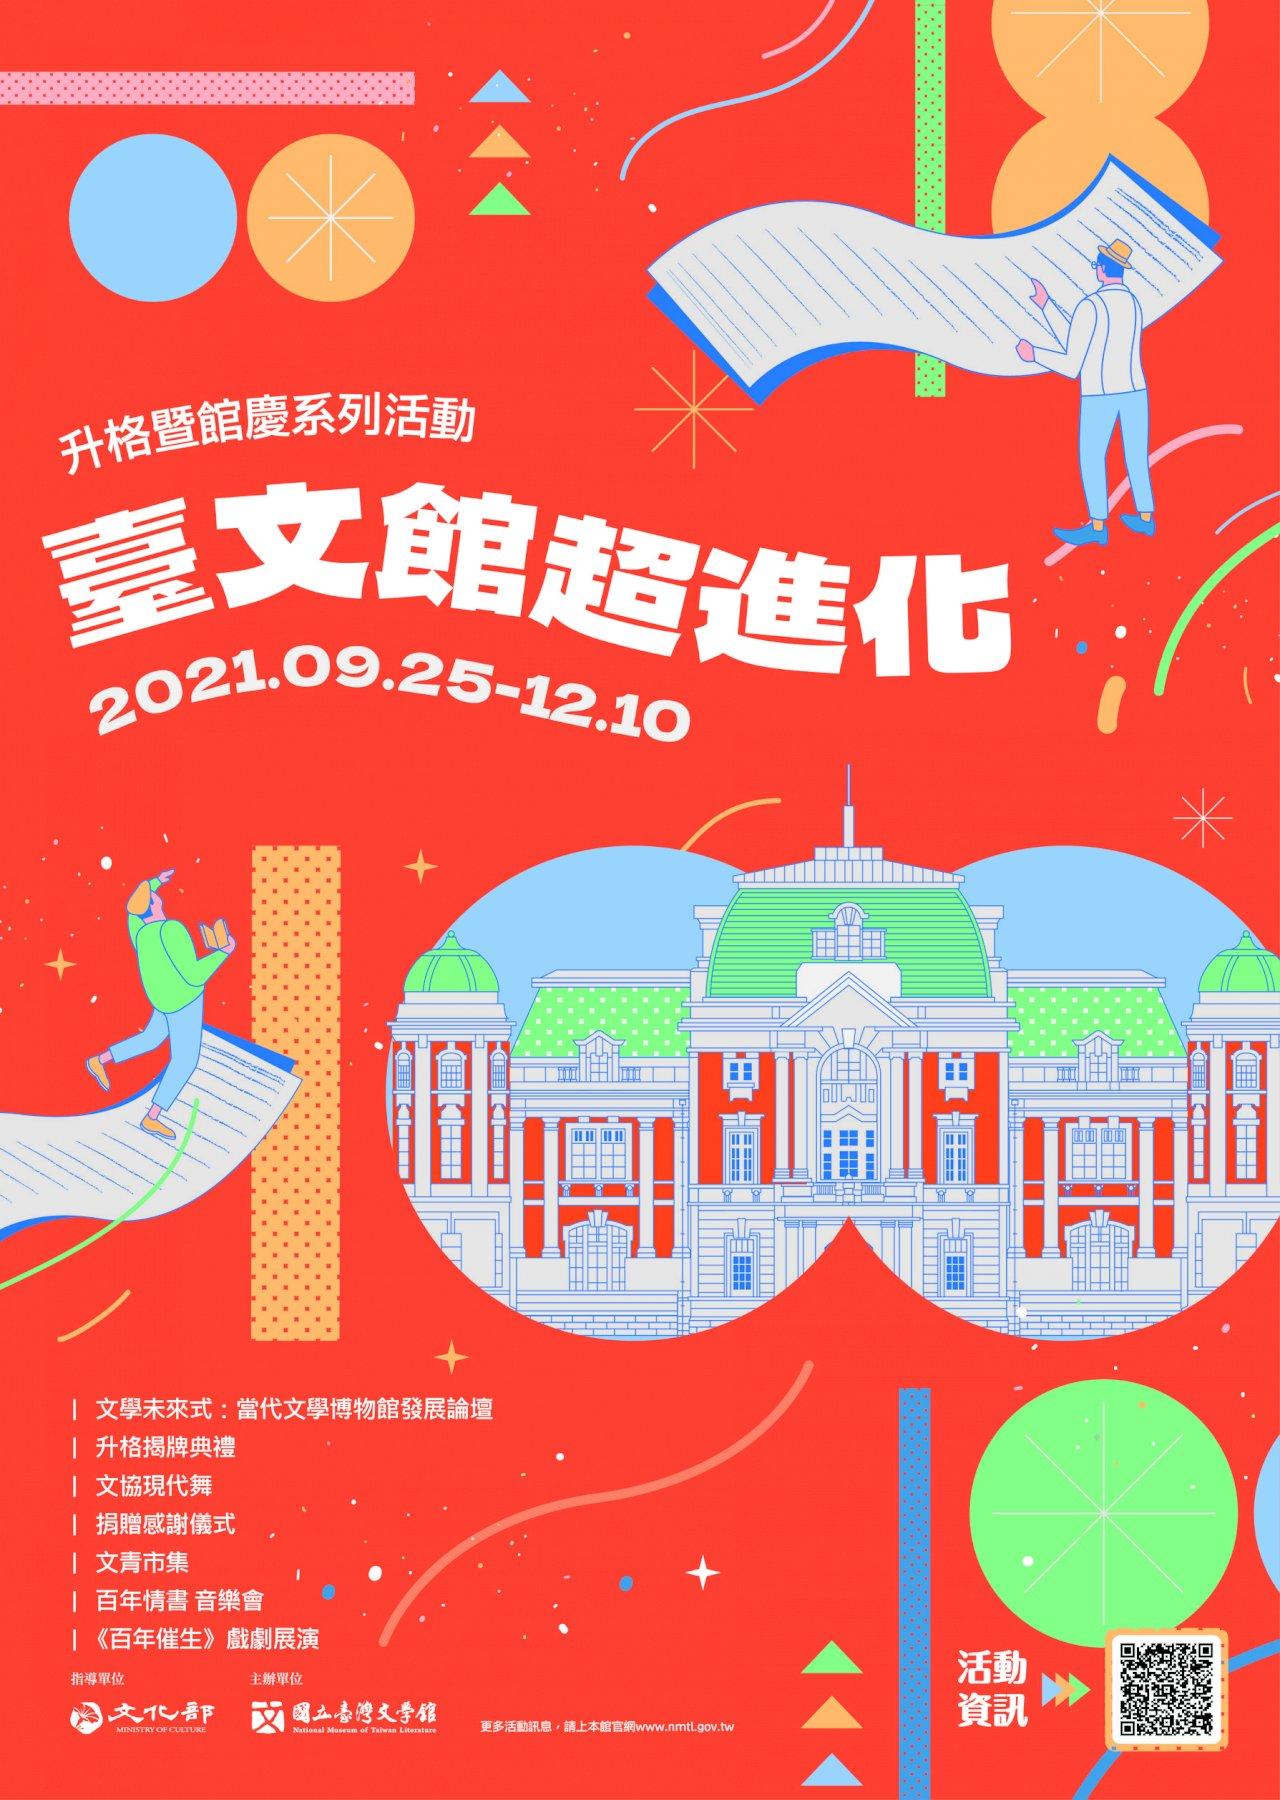 台文館10月17揭牌 正式升格三級機構